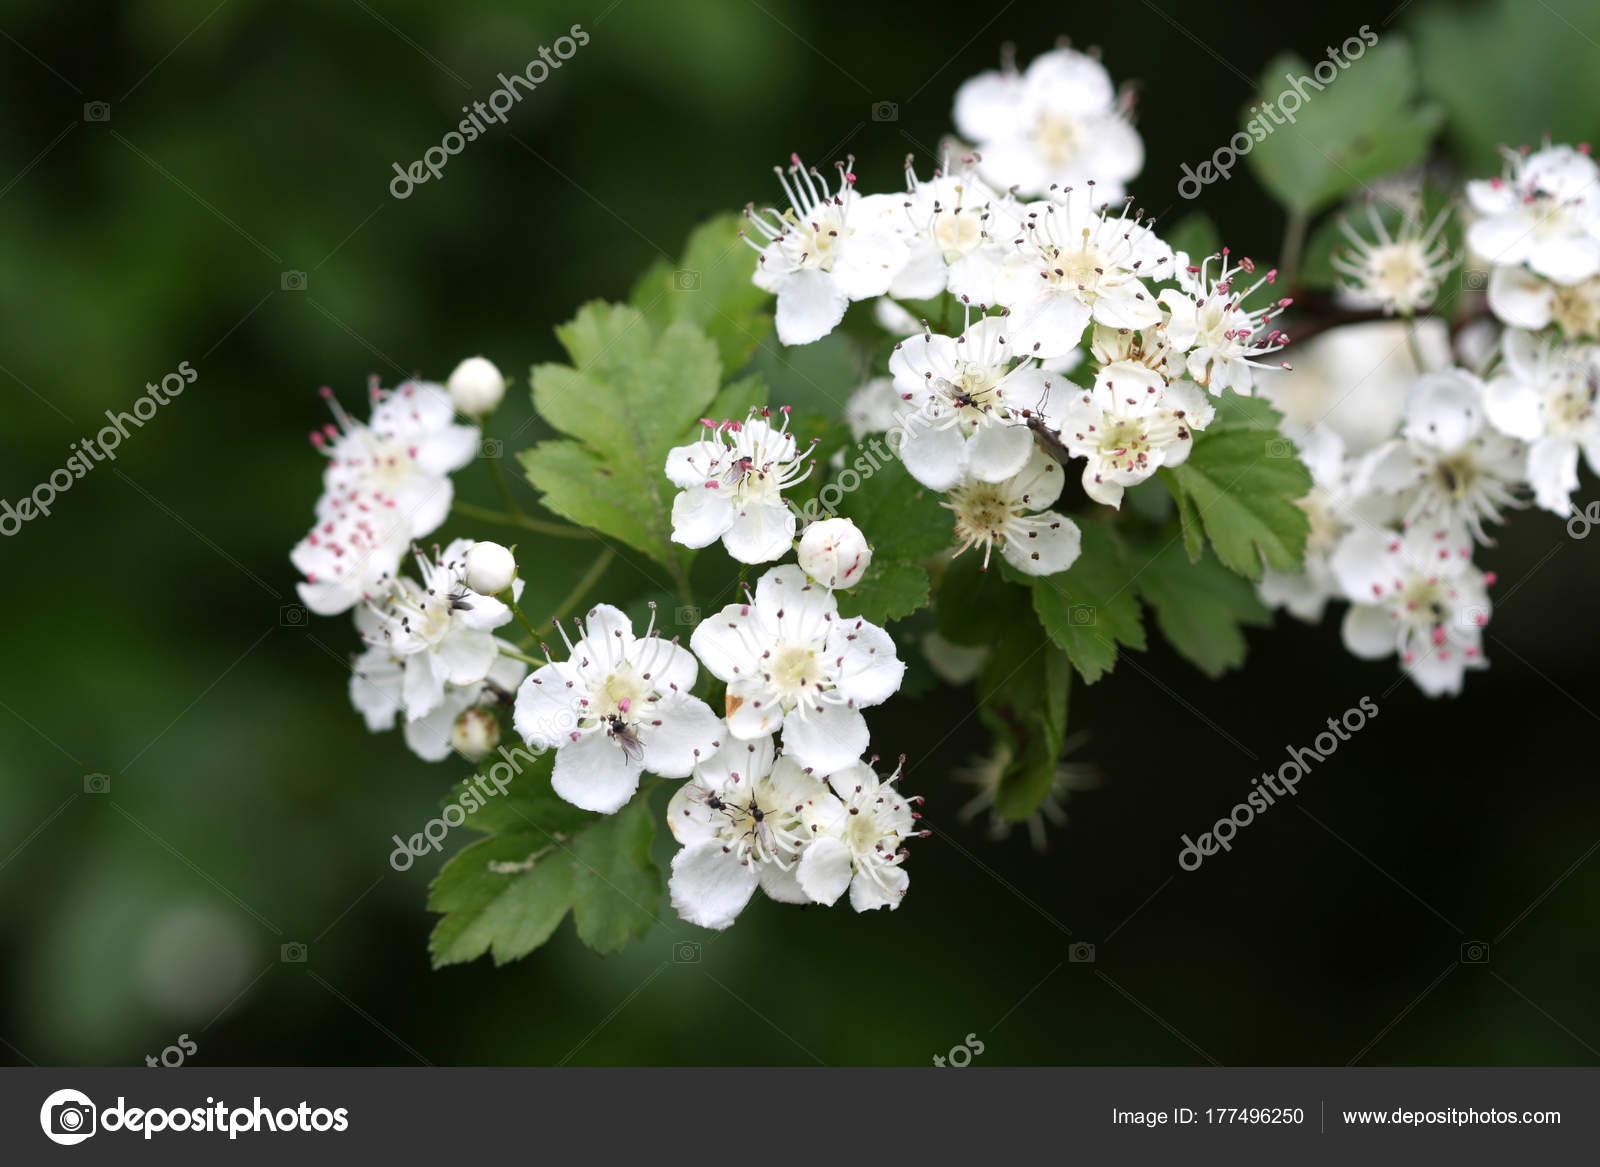 White Hawthorn Bloom Garden Stock Photo Kasparart 177496250